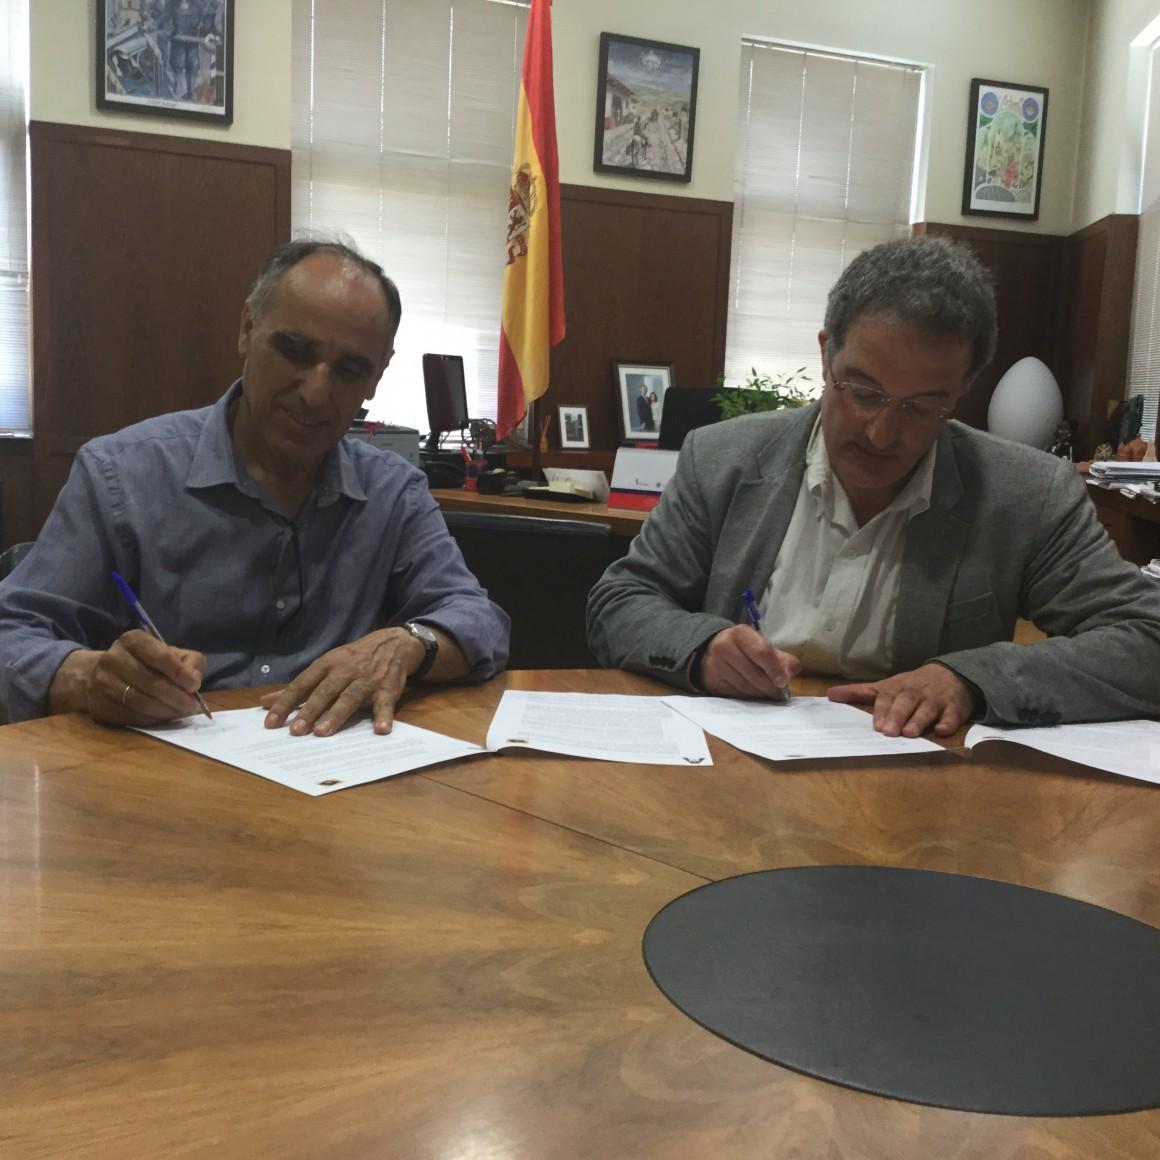 El ayuntamiento firma un convenio con la asociaci n amigos for Fuera de convenio 2017